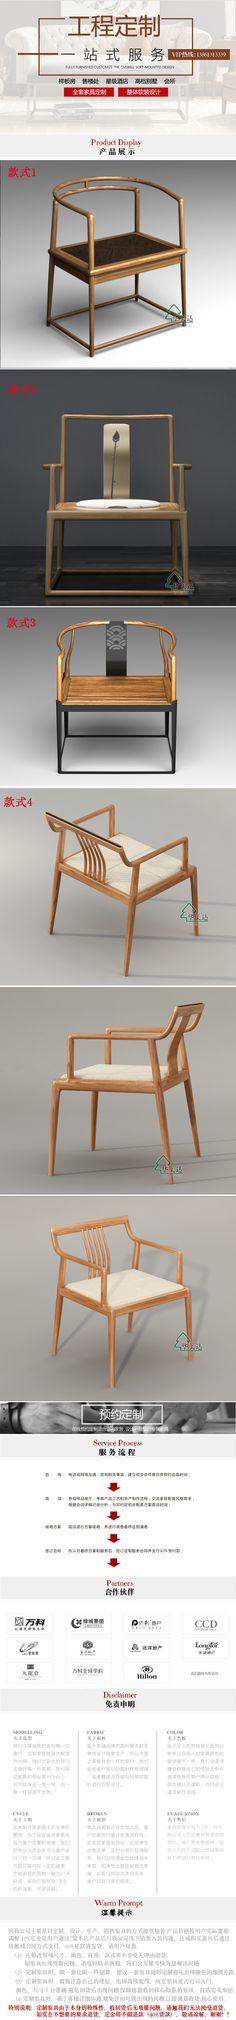 德仕邦 新中式样板房简约实木餐椅 现代中式别墅禅意官帽椅家具-淘宝网